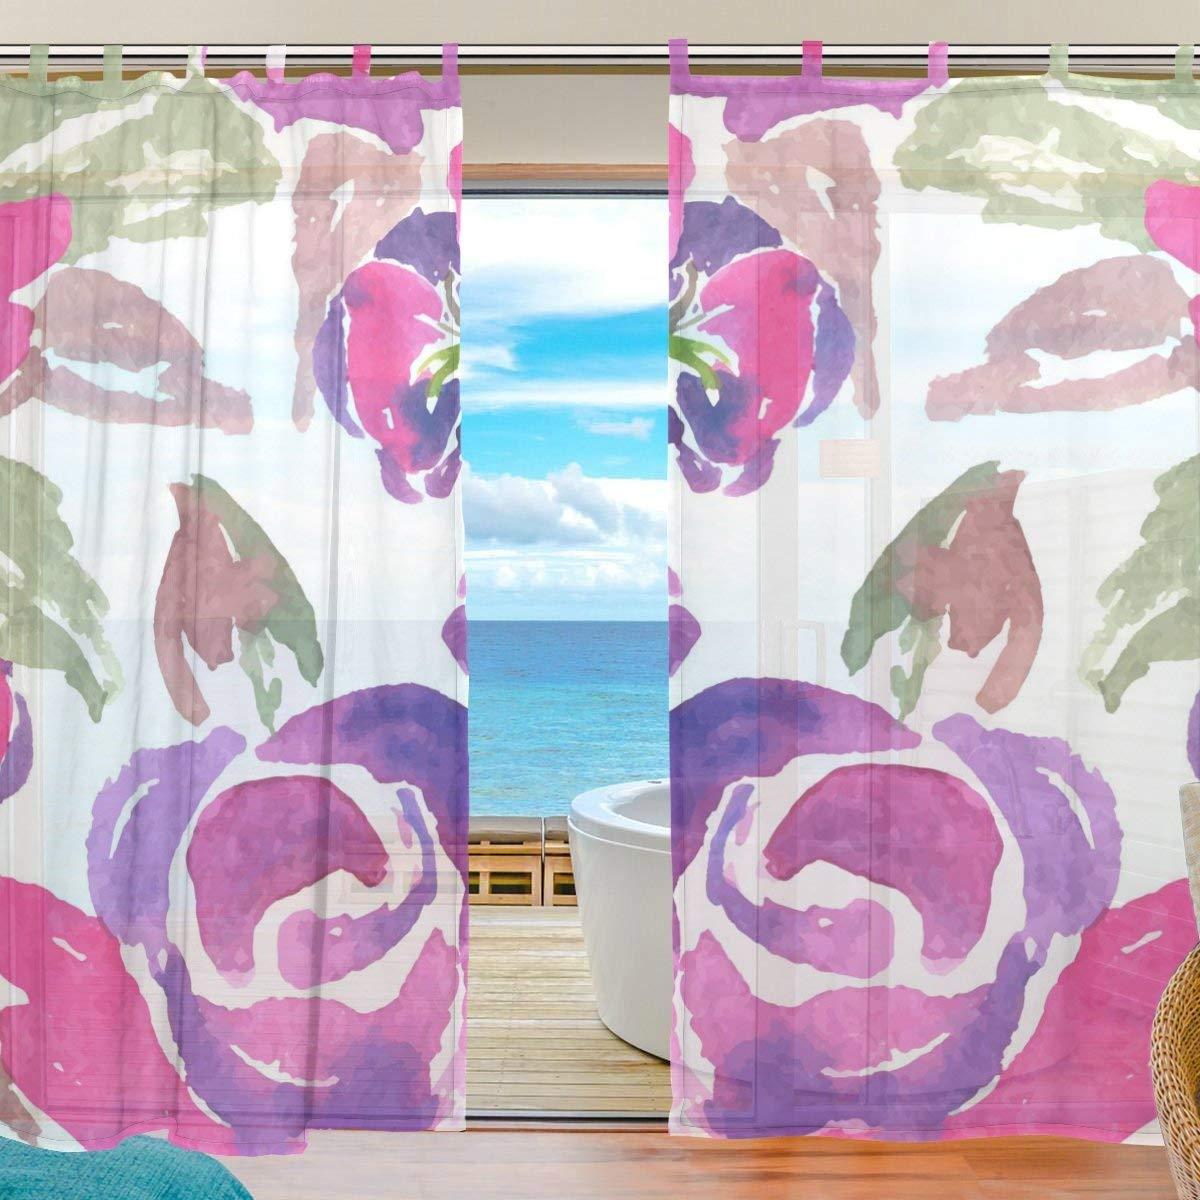 ZOMOY(ユサキ おしゃれ 薄手 柔らかい シェードカーテン紗 ドアカーテン,かわいい 小柄 花柄,装飾 窓 部屋 玄関 ベッドルーム 客間用 遮光 カーテン (幅:140cm x丈:210cmx2枚組)   B07PLG19J4